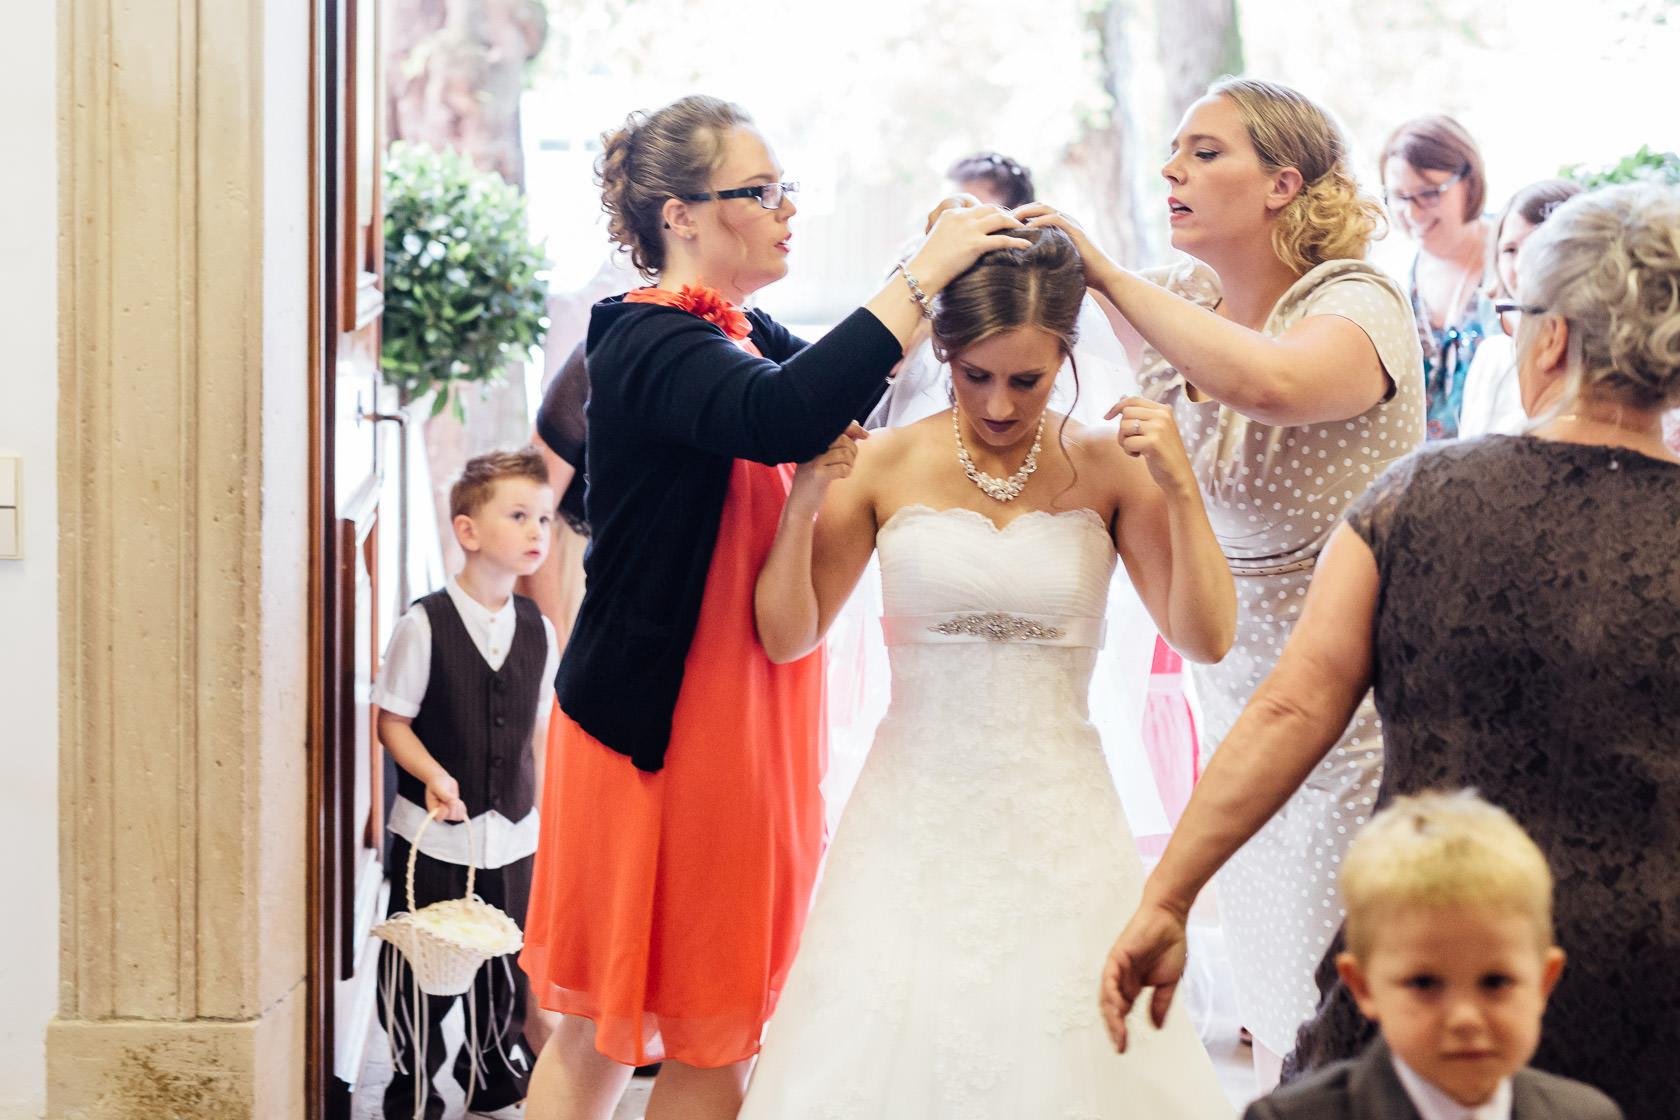 Hochzeit Carmen und Dirk in Bad Kreuznach Trauung in der Pauluskirche Ankunft der Braut